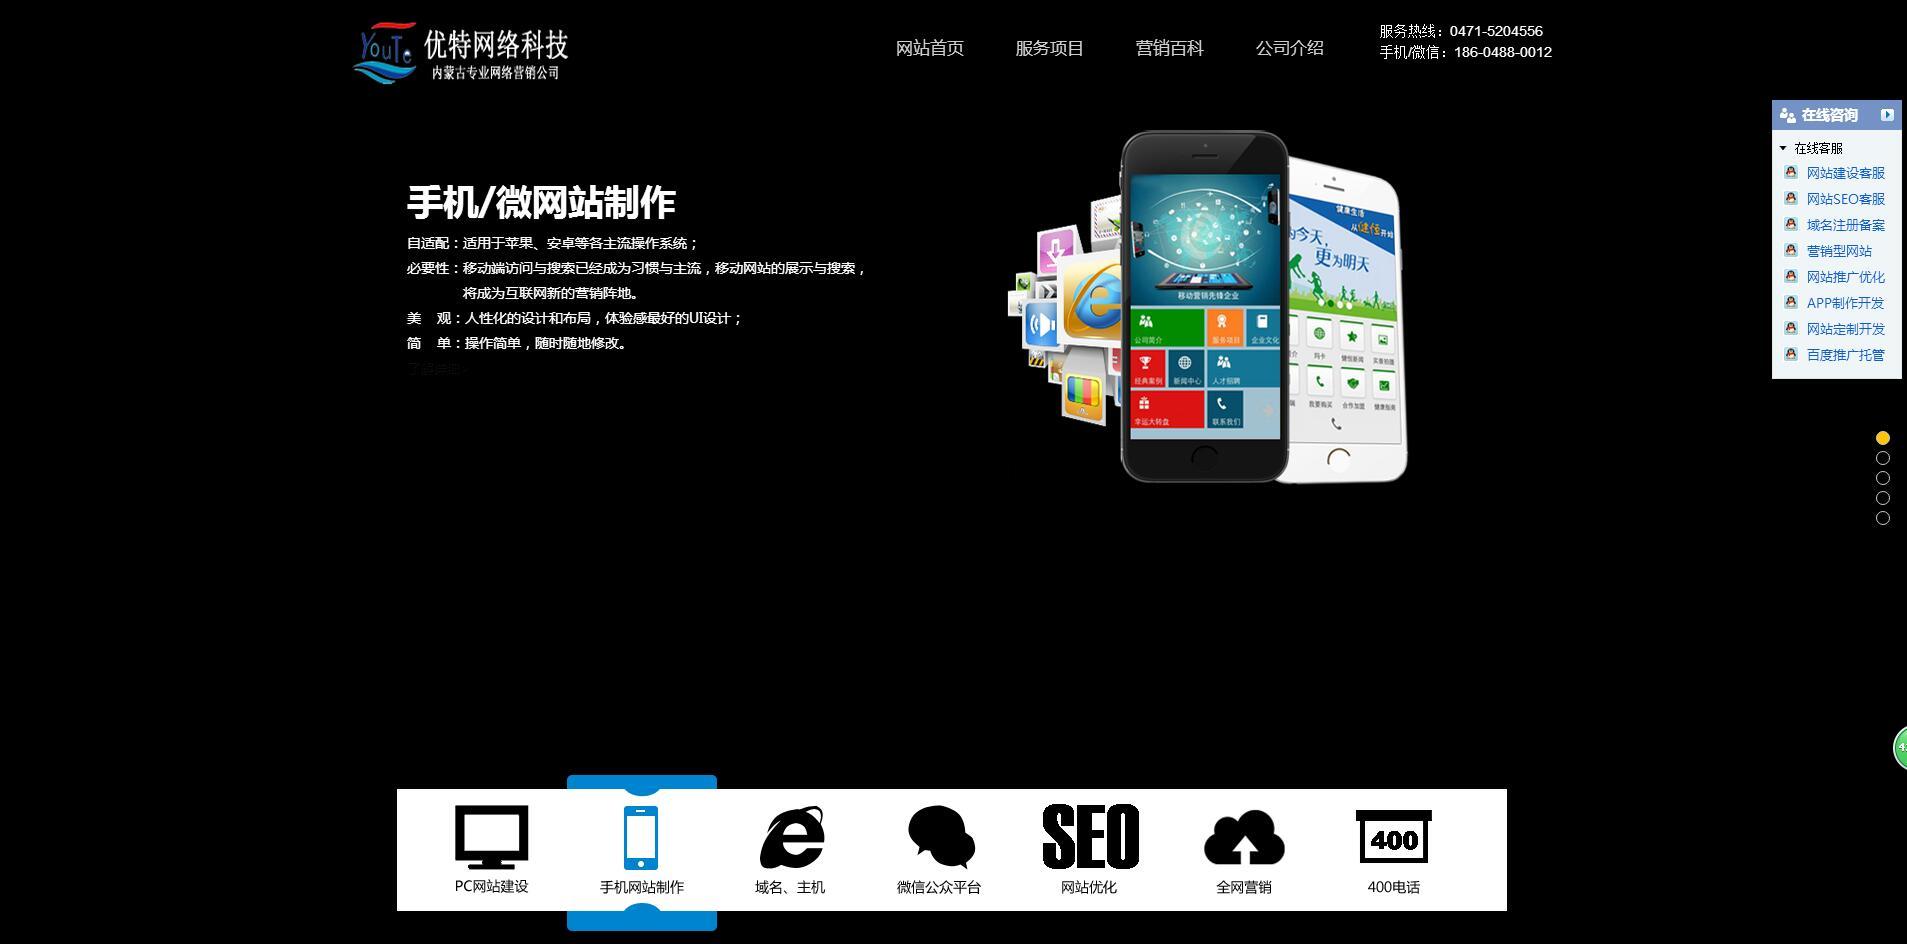 内蒙古网络公司,呼和浩特网络公司,内蒙古网站建设,呼和浩特网站制作铭赞富海360系统上线